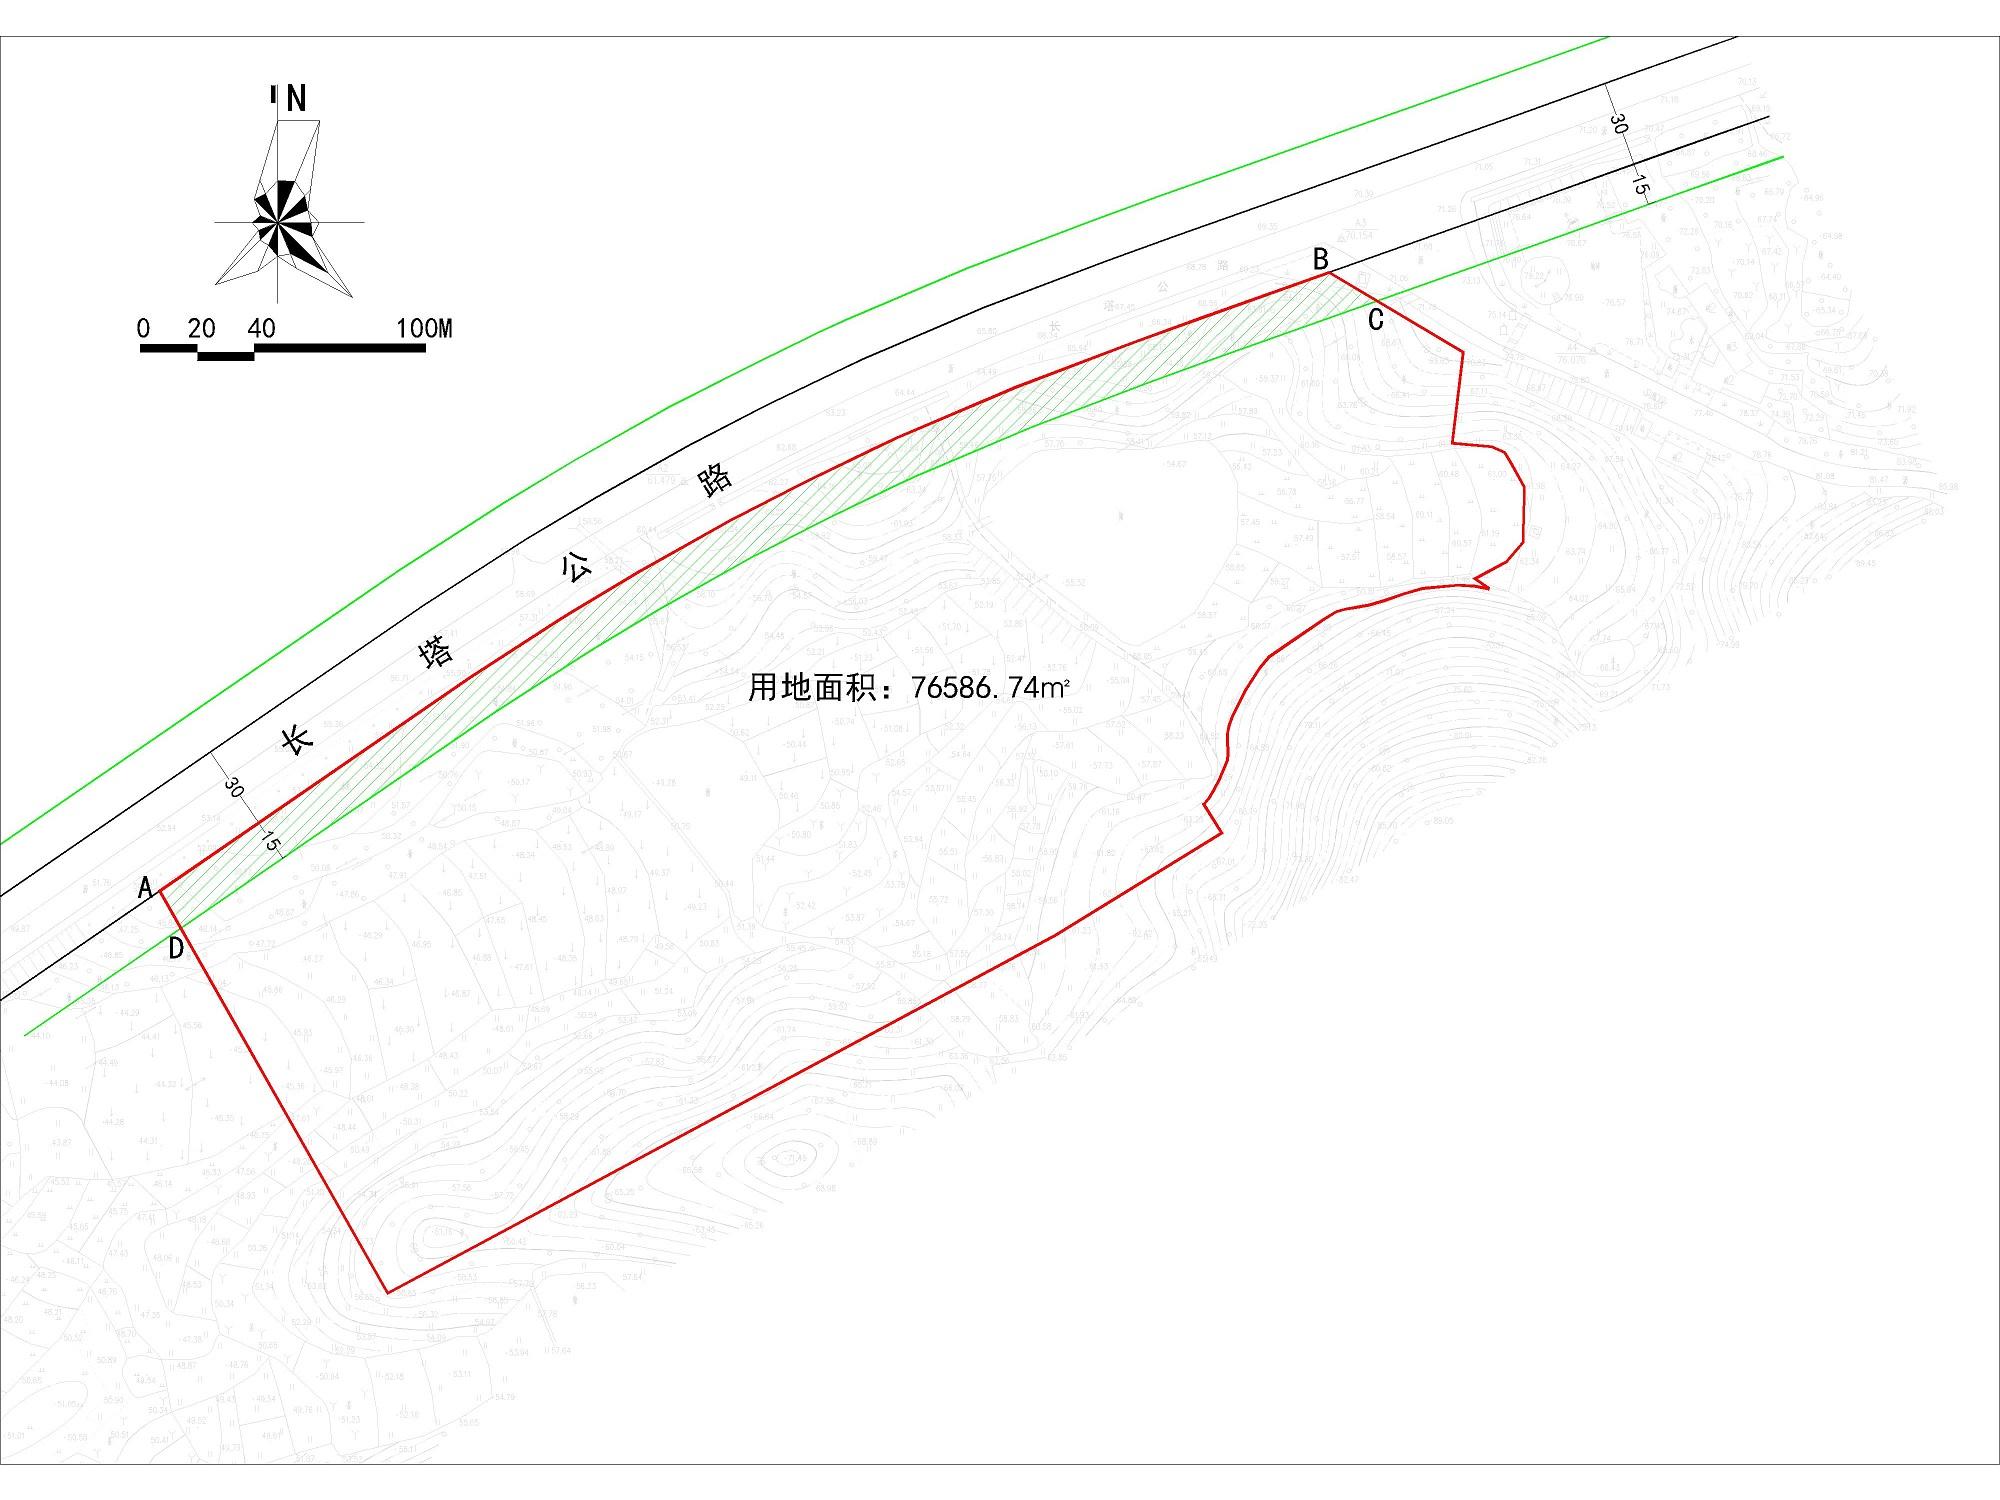 关于木兰山风景区入口服务区建设工程(综合服务区及停车场)一期(地块